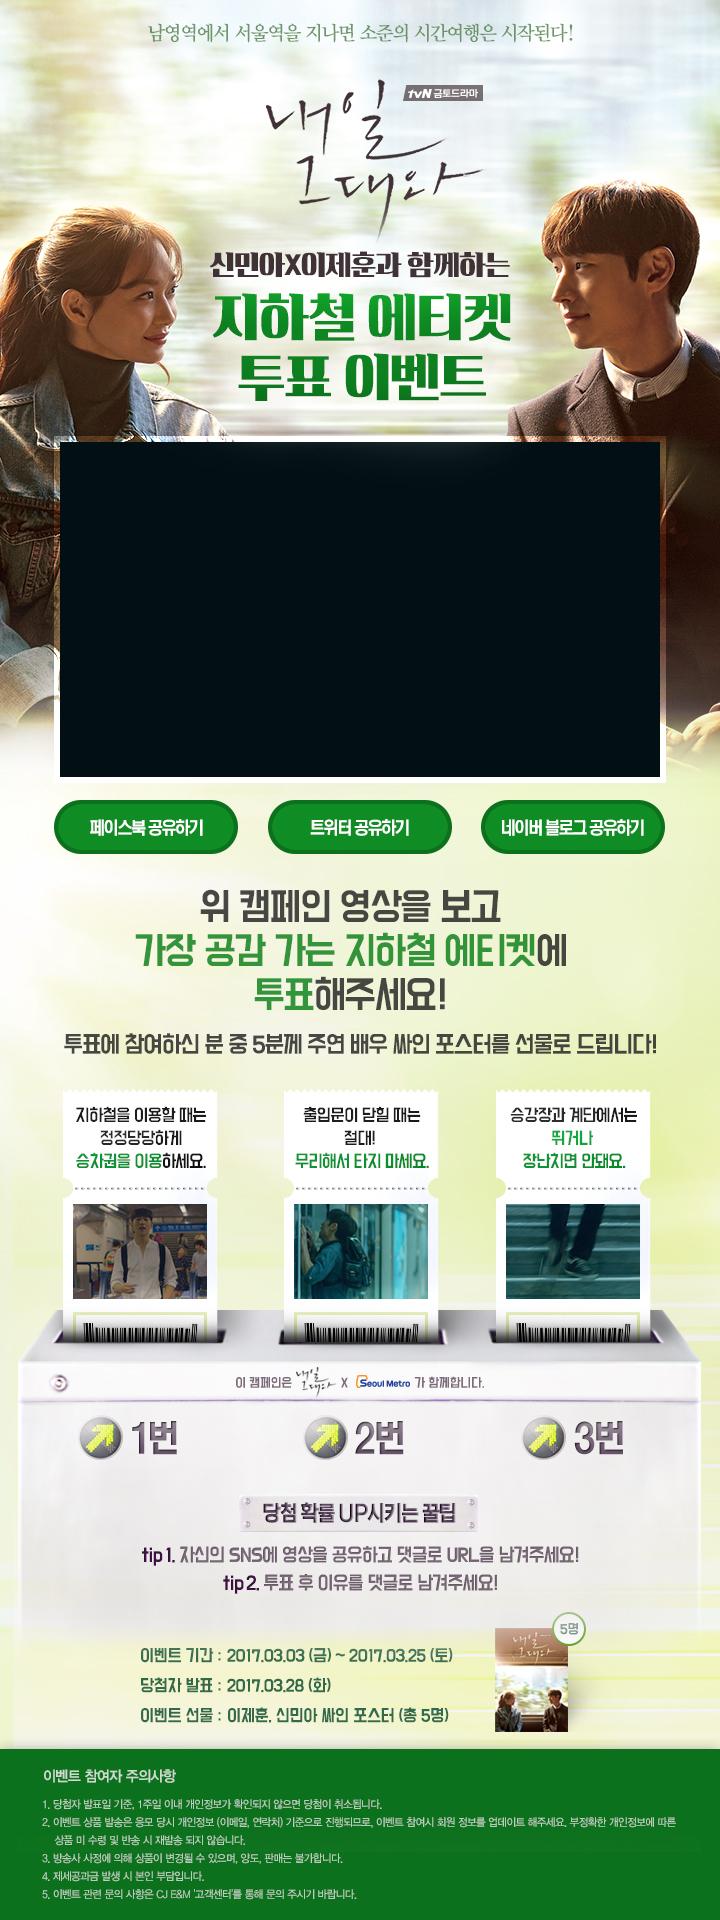 [내일 그대와]지하철 에티켓 투표 이벤트